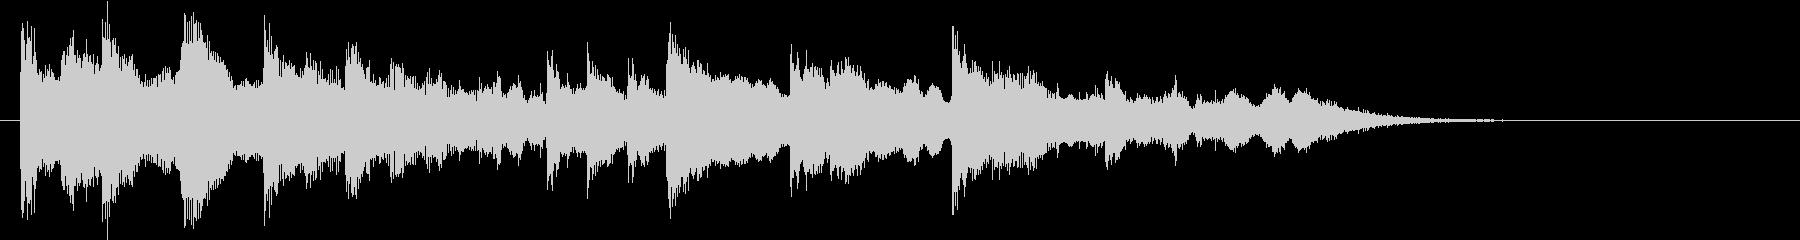 民族楽器によるエスニック&インド音楽ロゴの未再生の波形